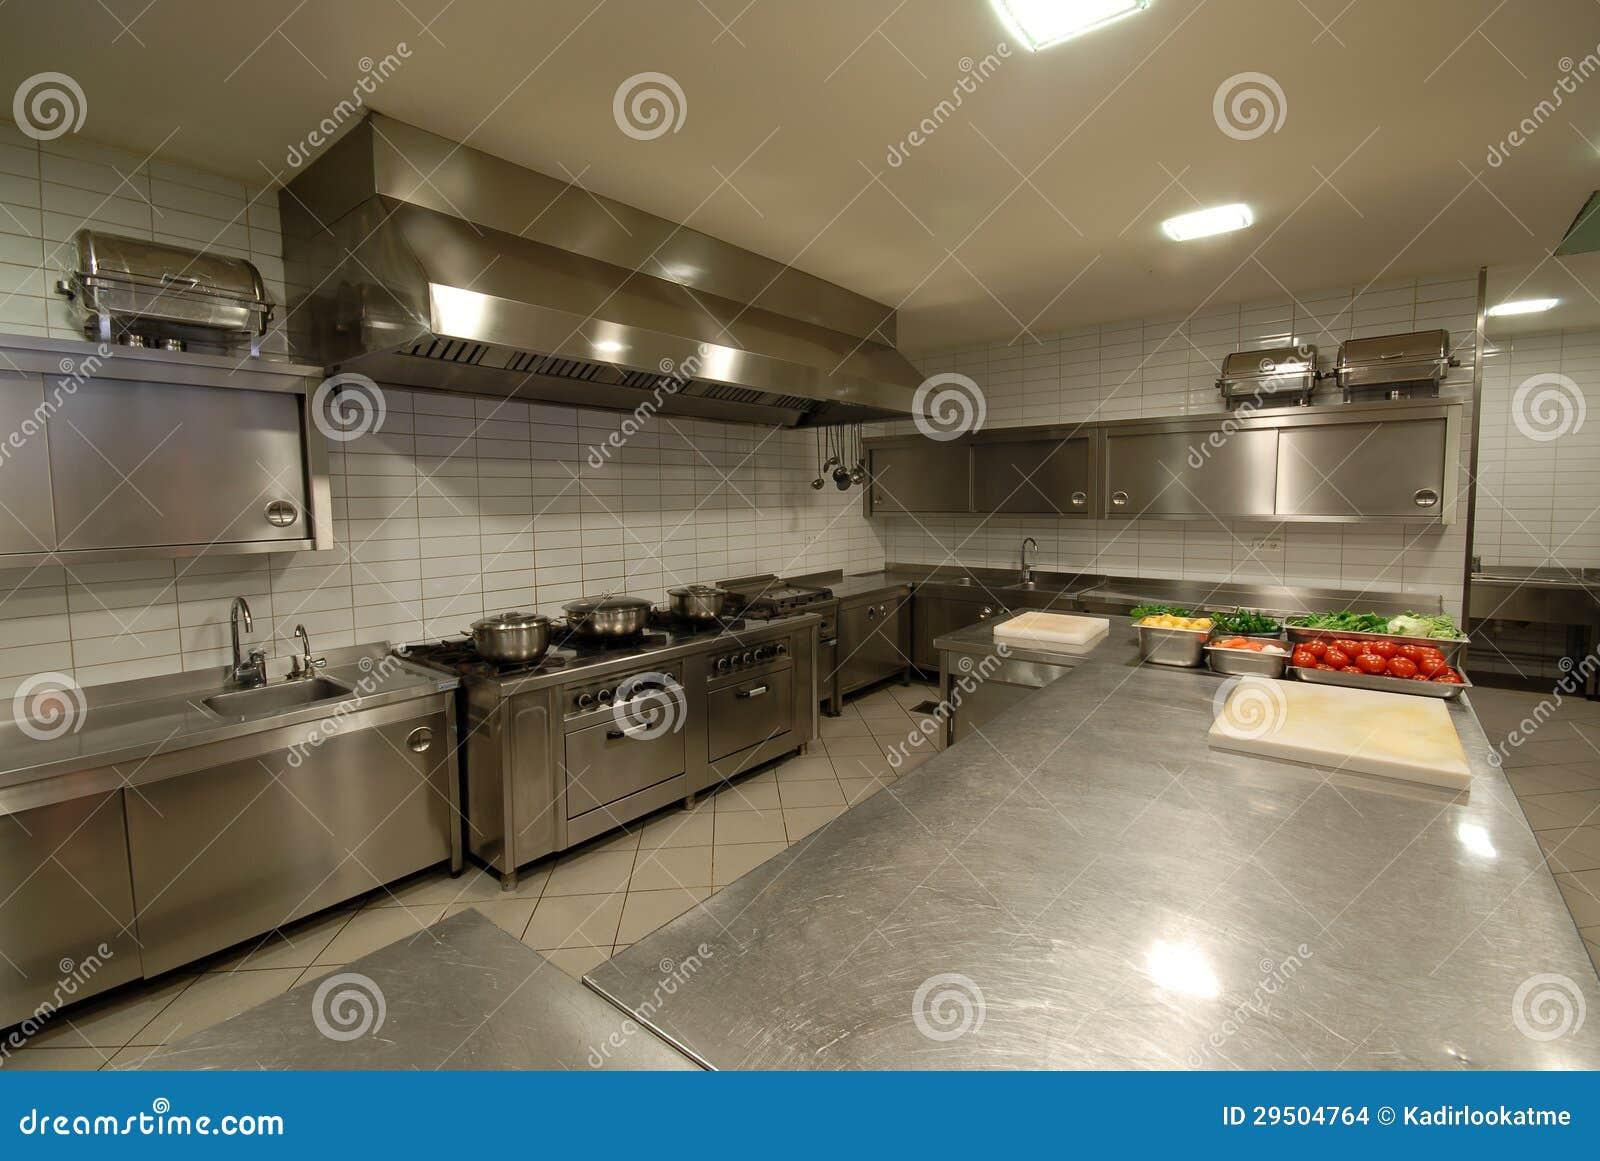 Moderne keuken in restaurant